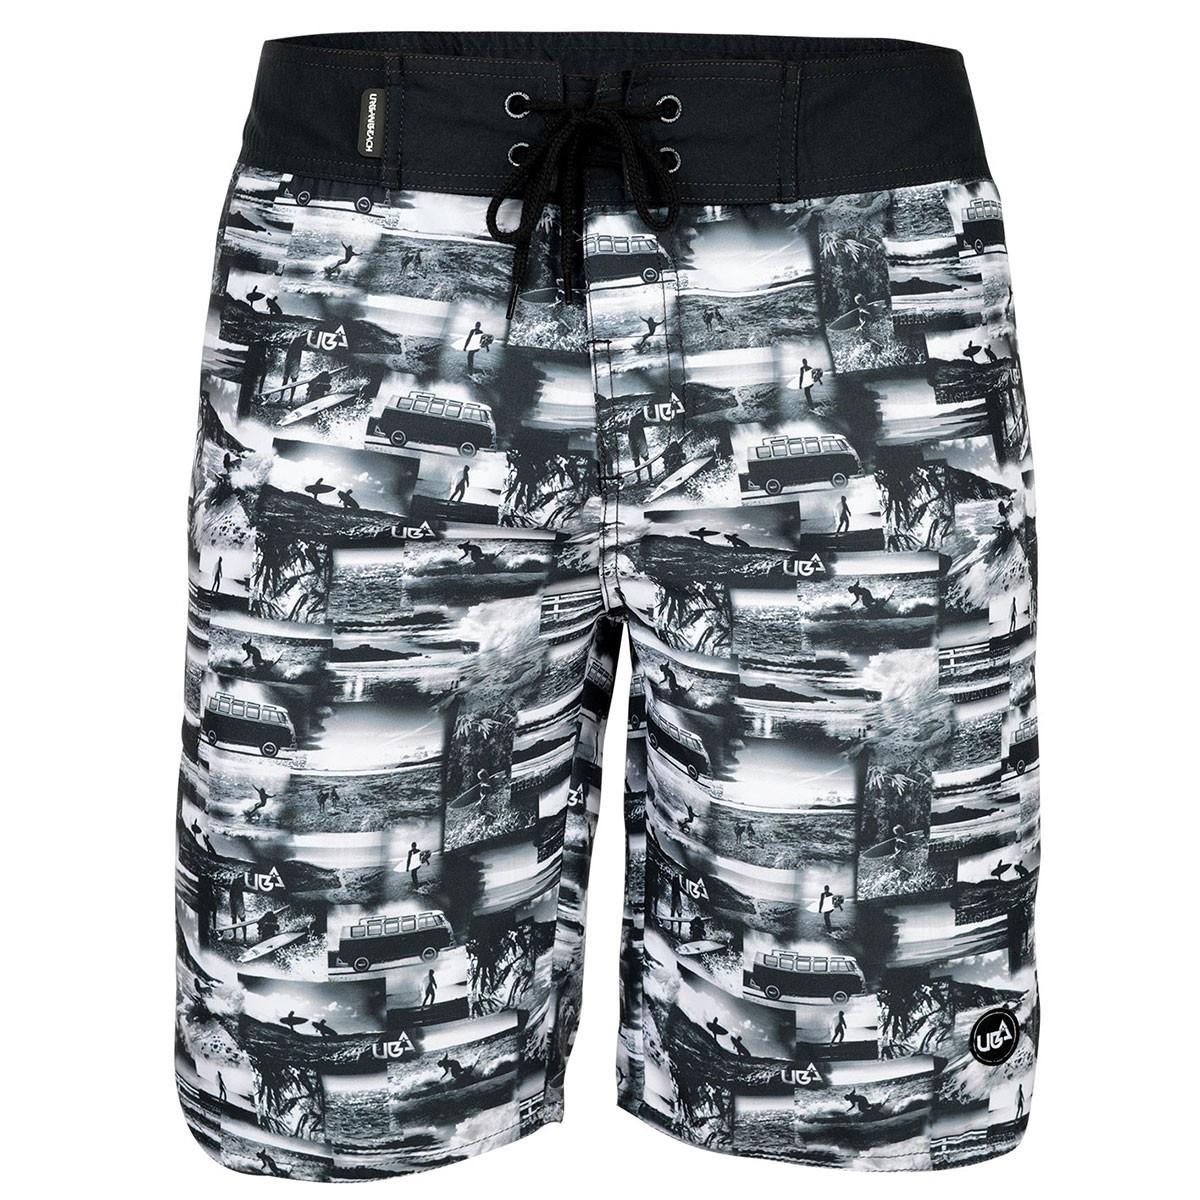 Mens Jaws Board Shorts - Black